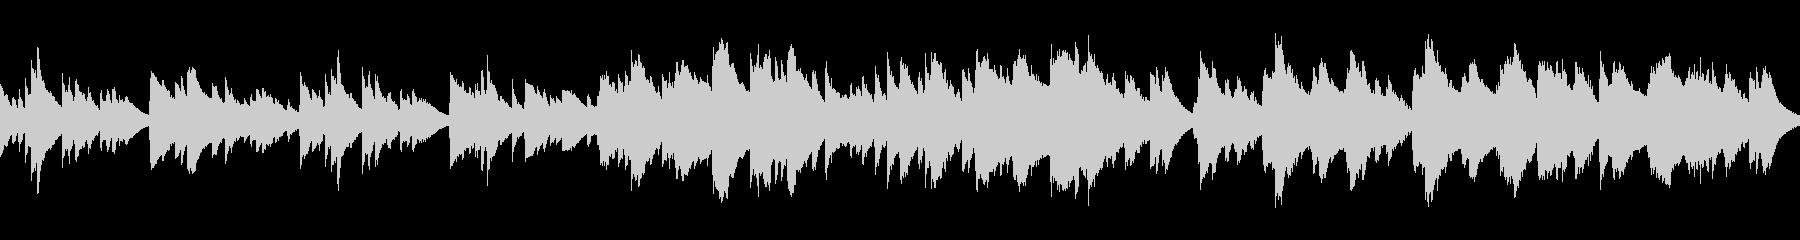 3拍子のシンプルなオルゴールの未再生の波形